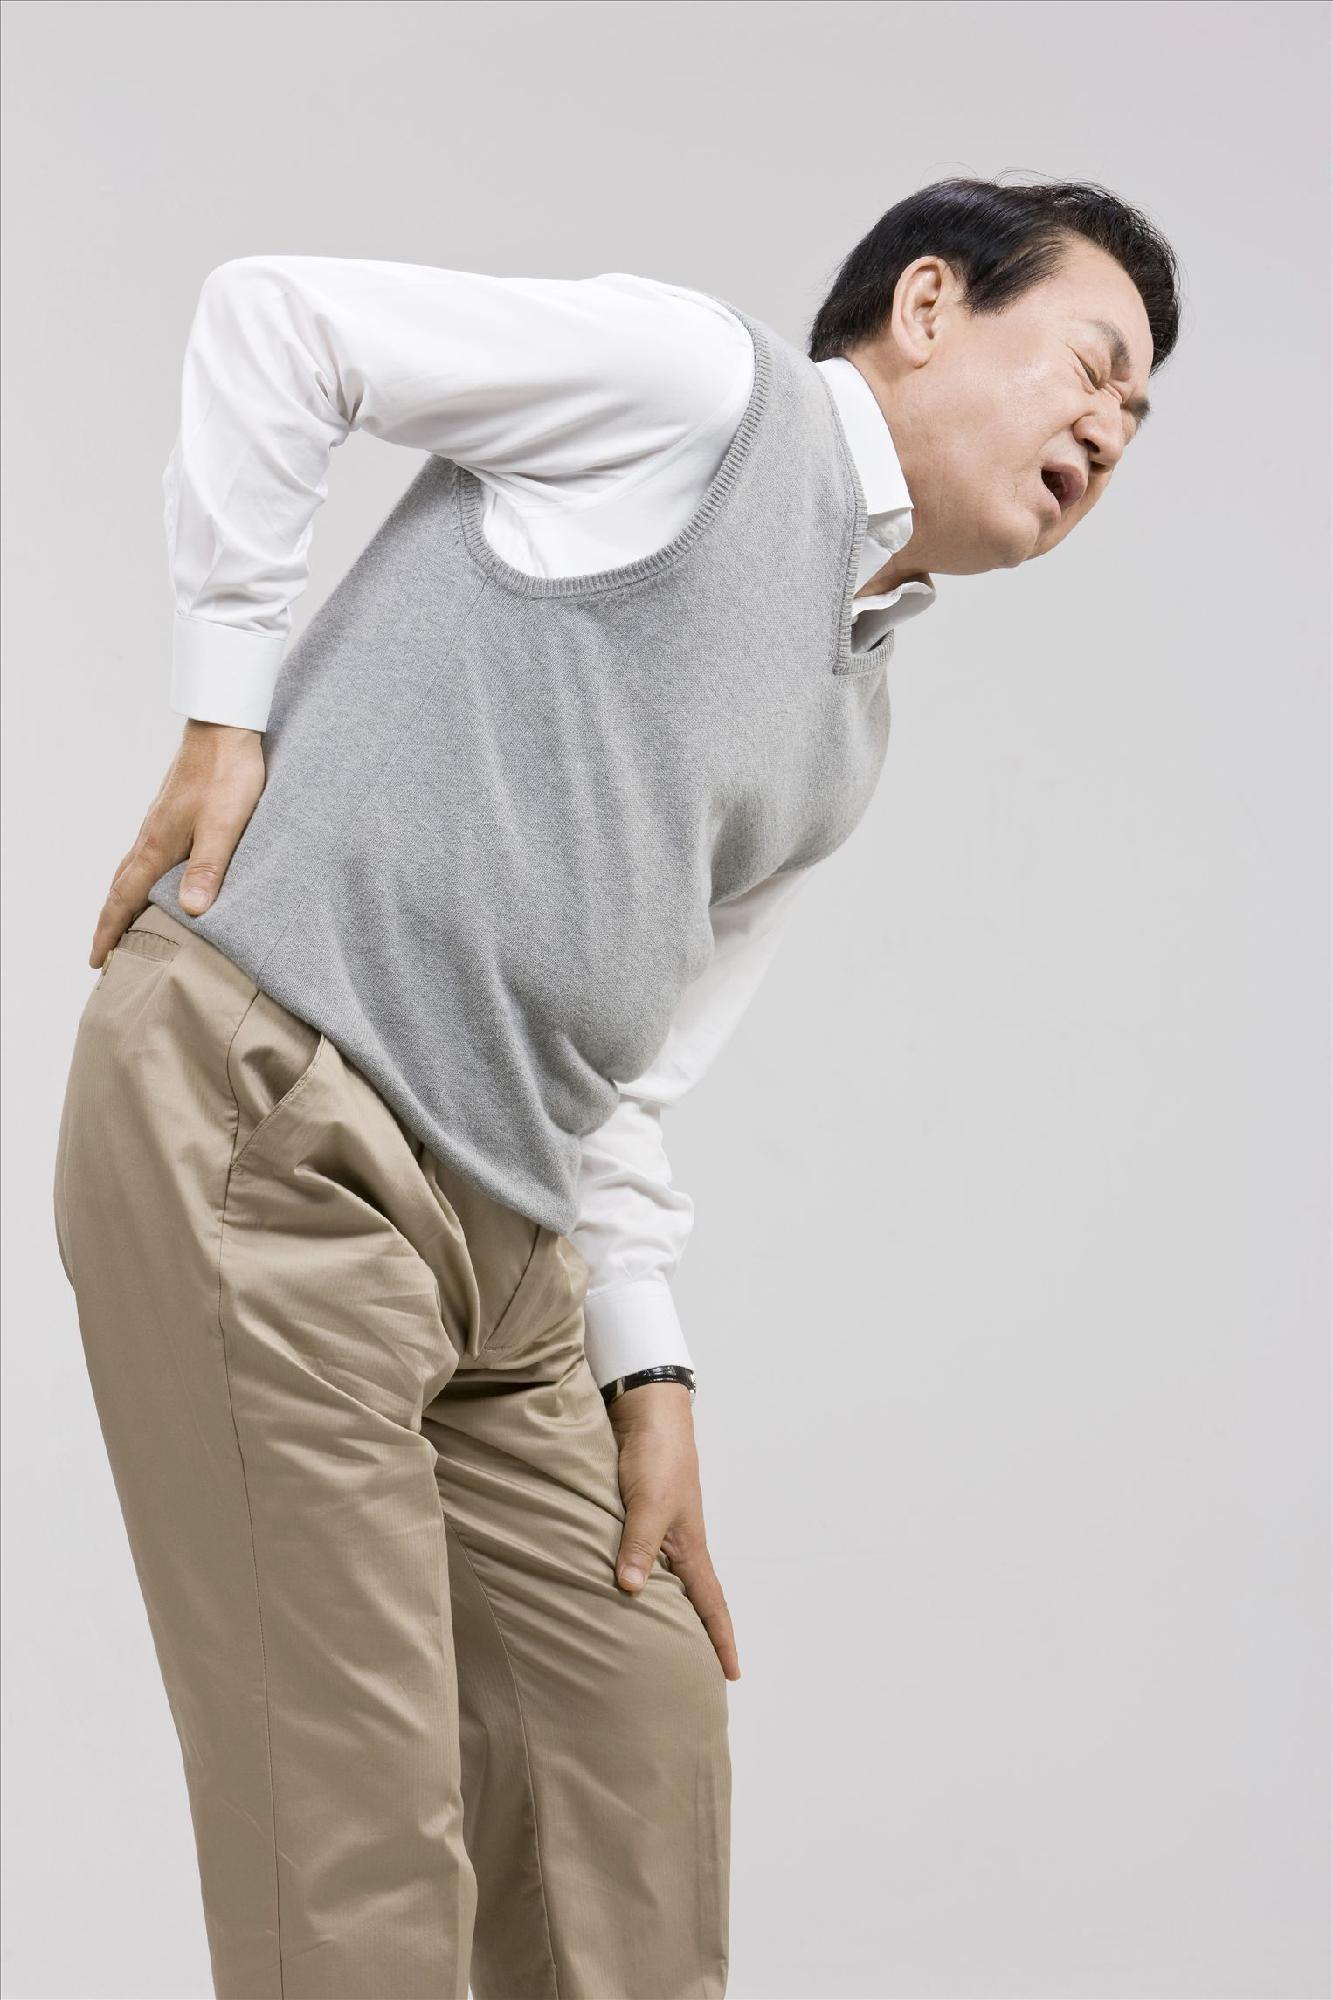 腰酸背痛图片 可爱